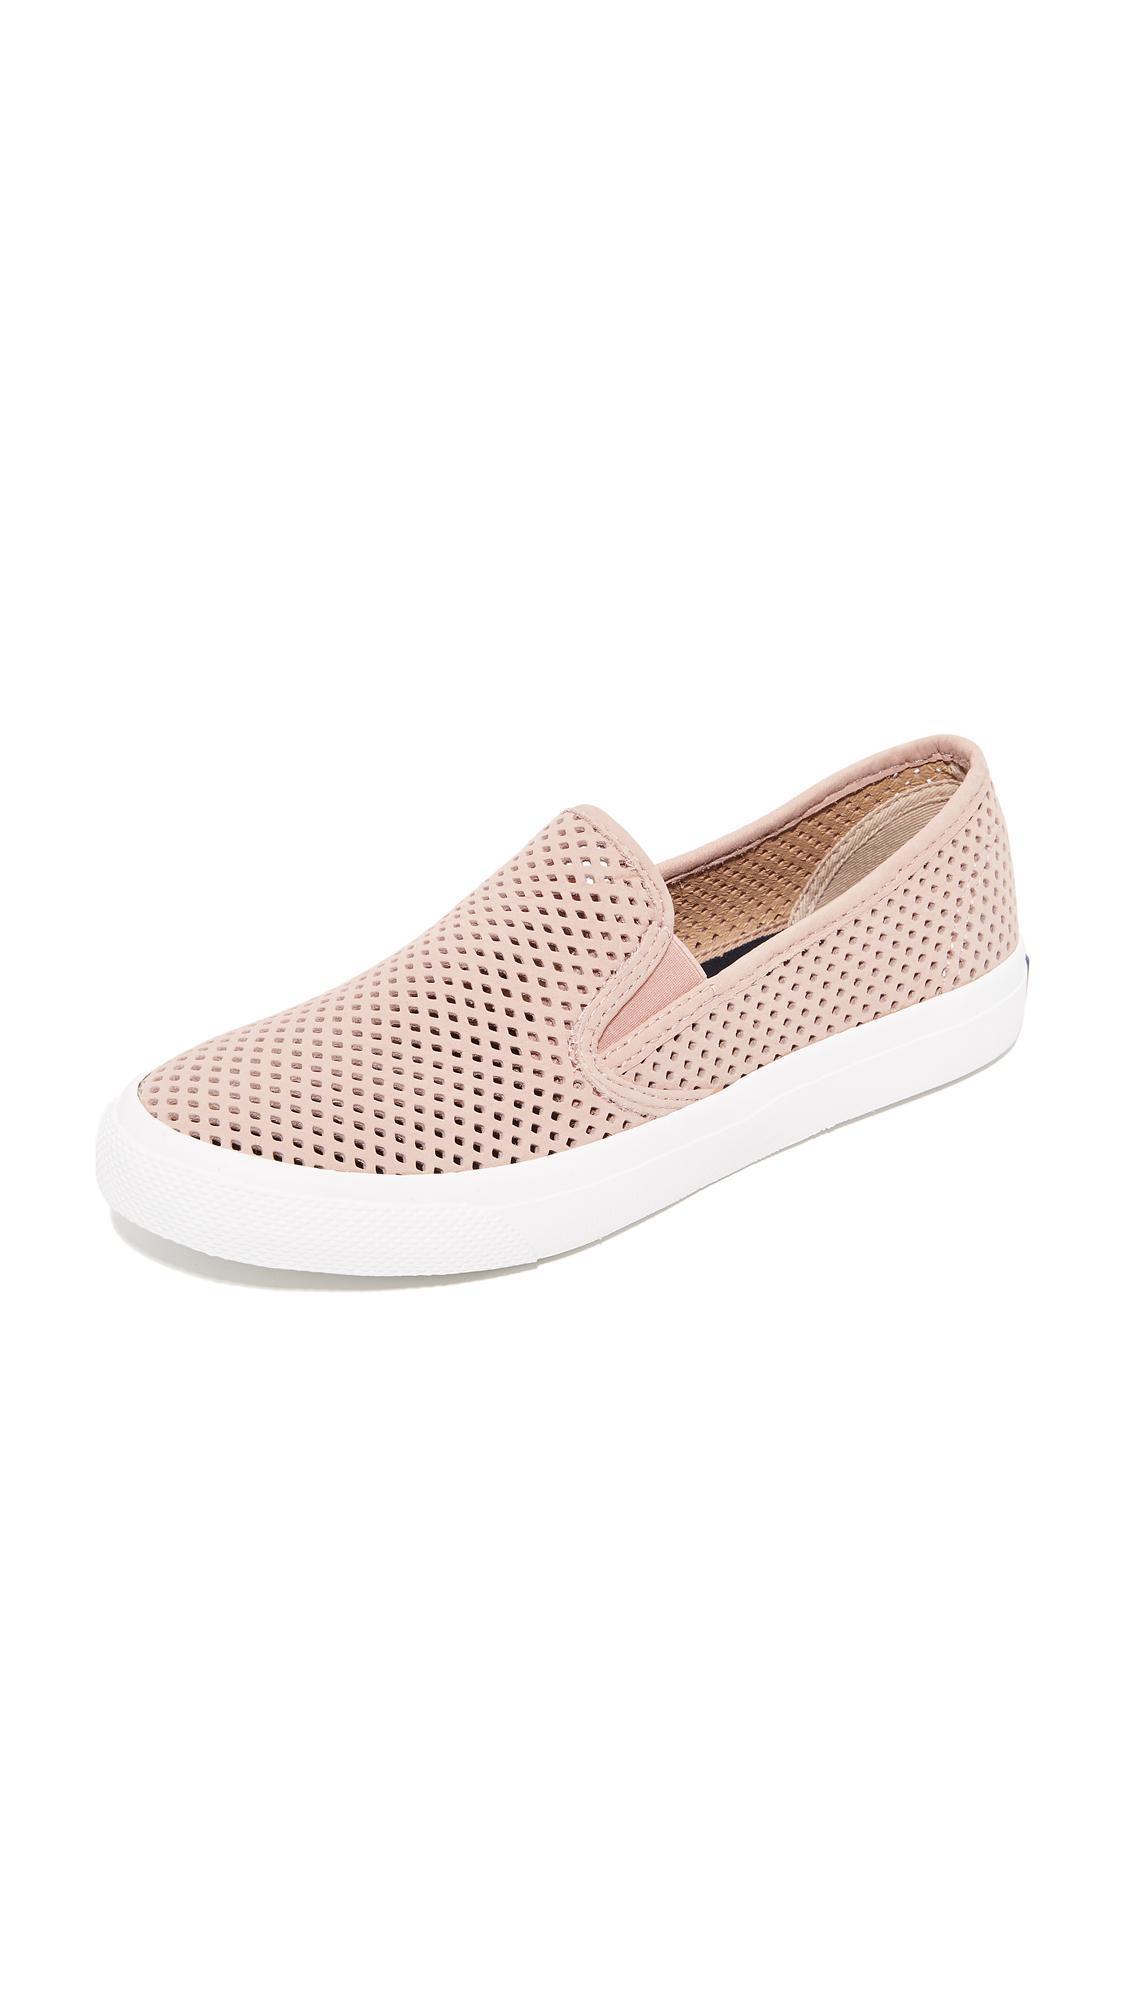 Seaside Suede Slip On Sneakers TTQDk